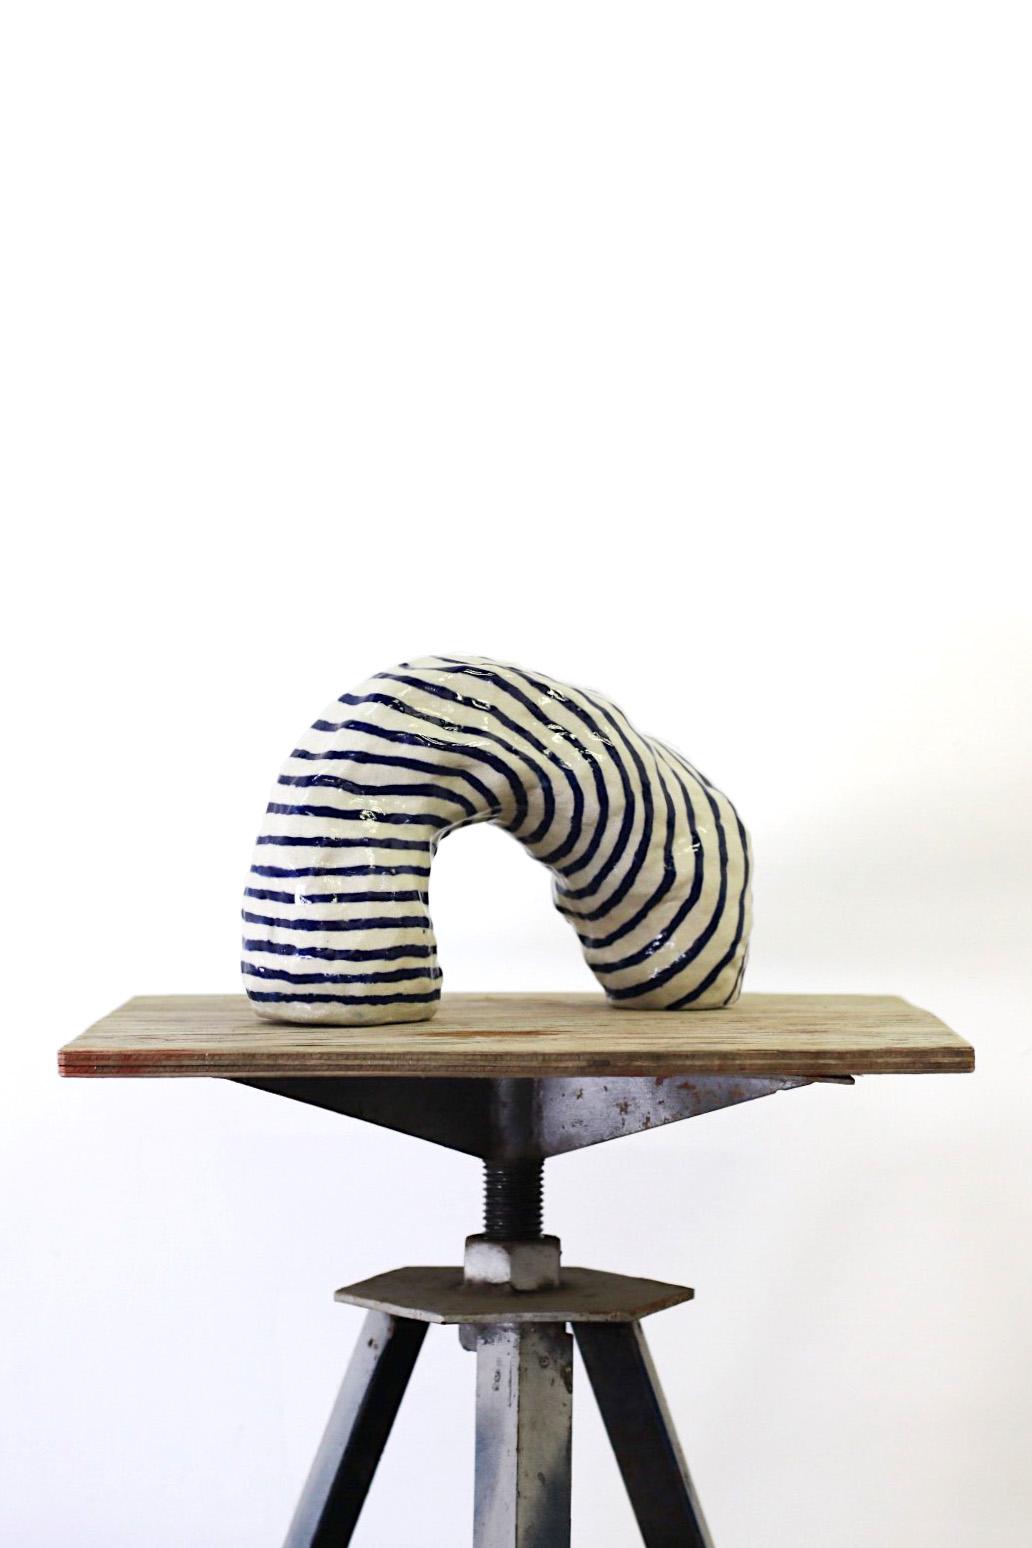 Peta Berghofer, Newly Formed, Vase #5, White raku, 2017 .jpg